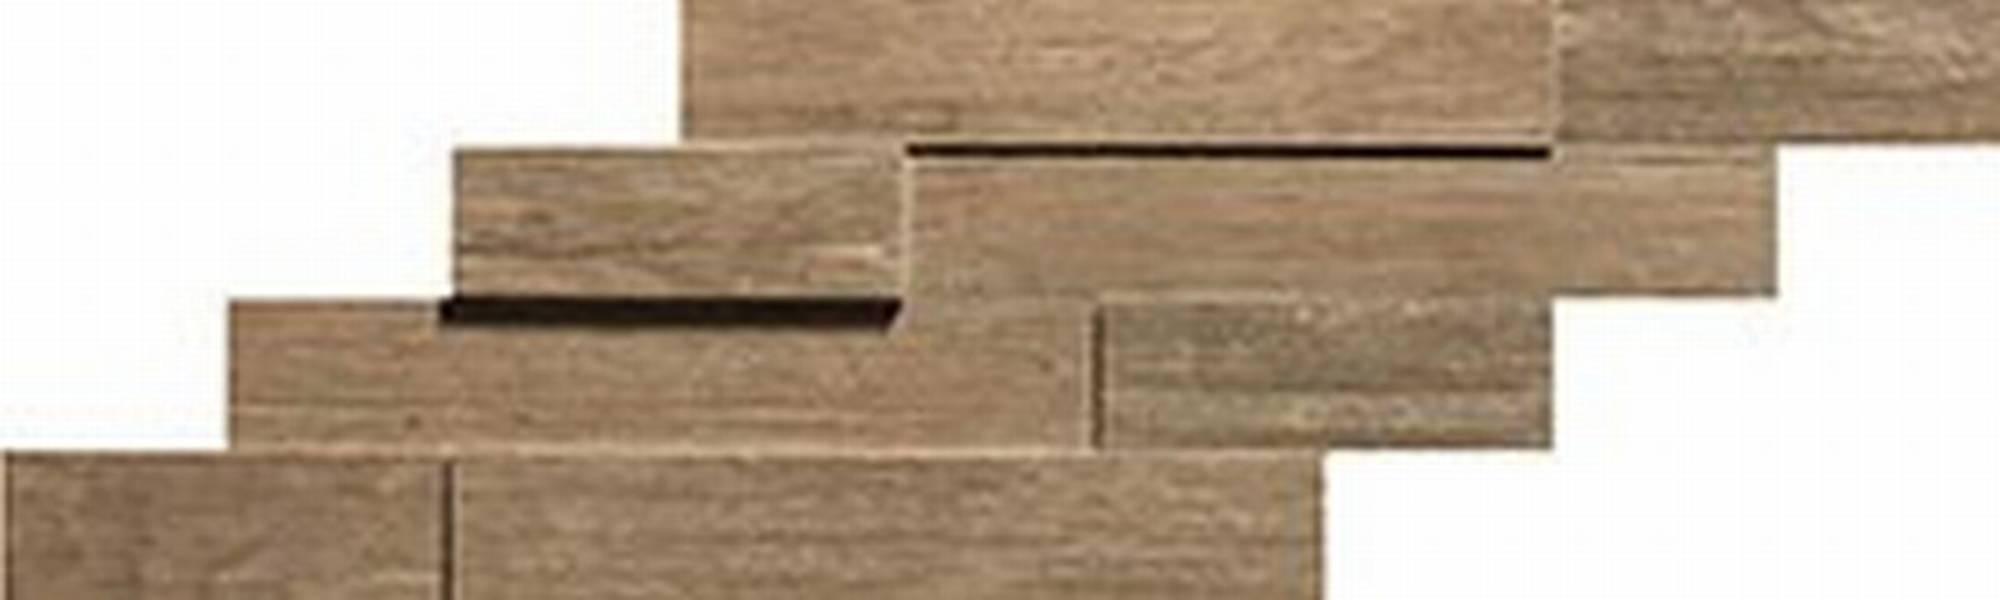 ATLAS CONCORDE AXI tegelmat brick 3d 20 x 44 cm. doos a 4 stuks BROWN CHESTNUT (AMWE)